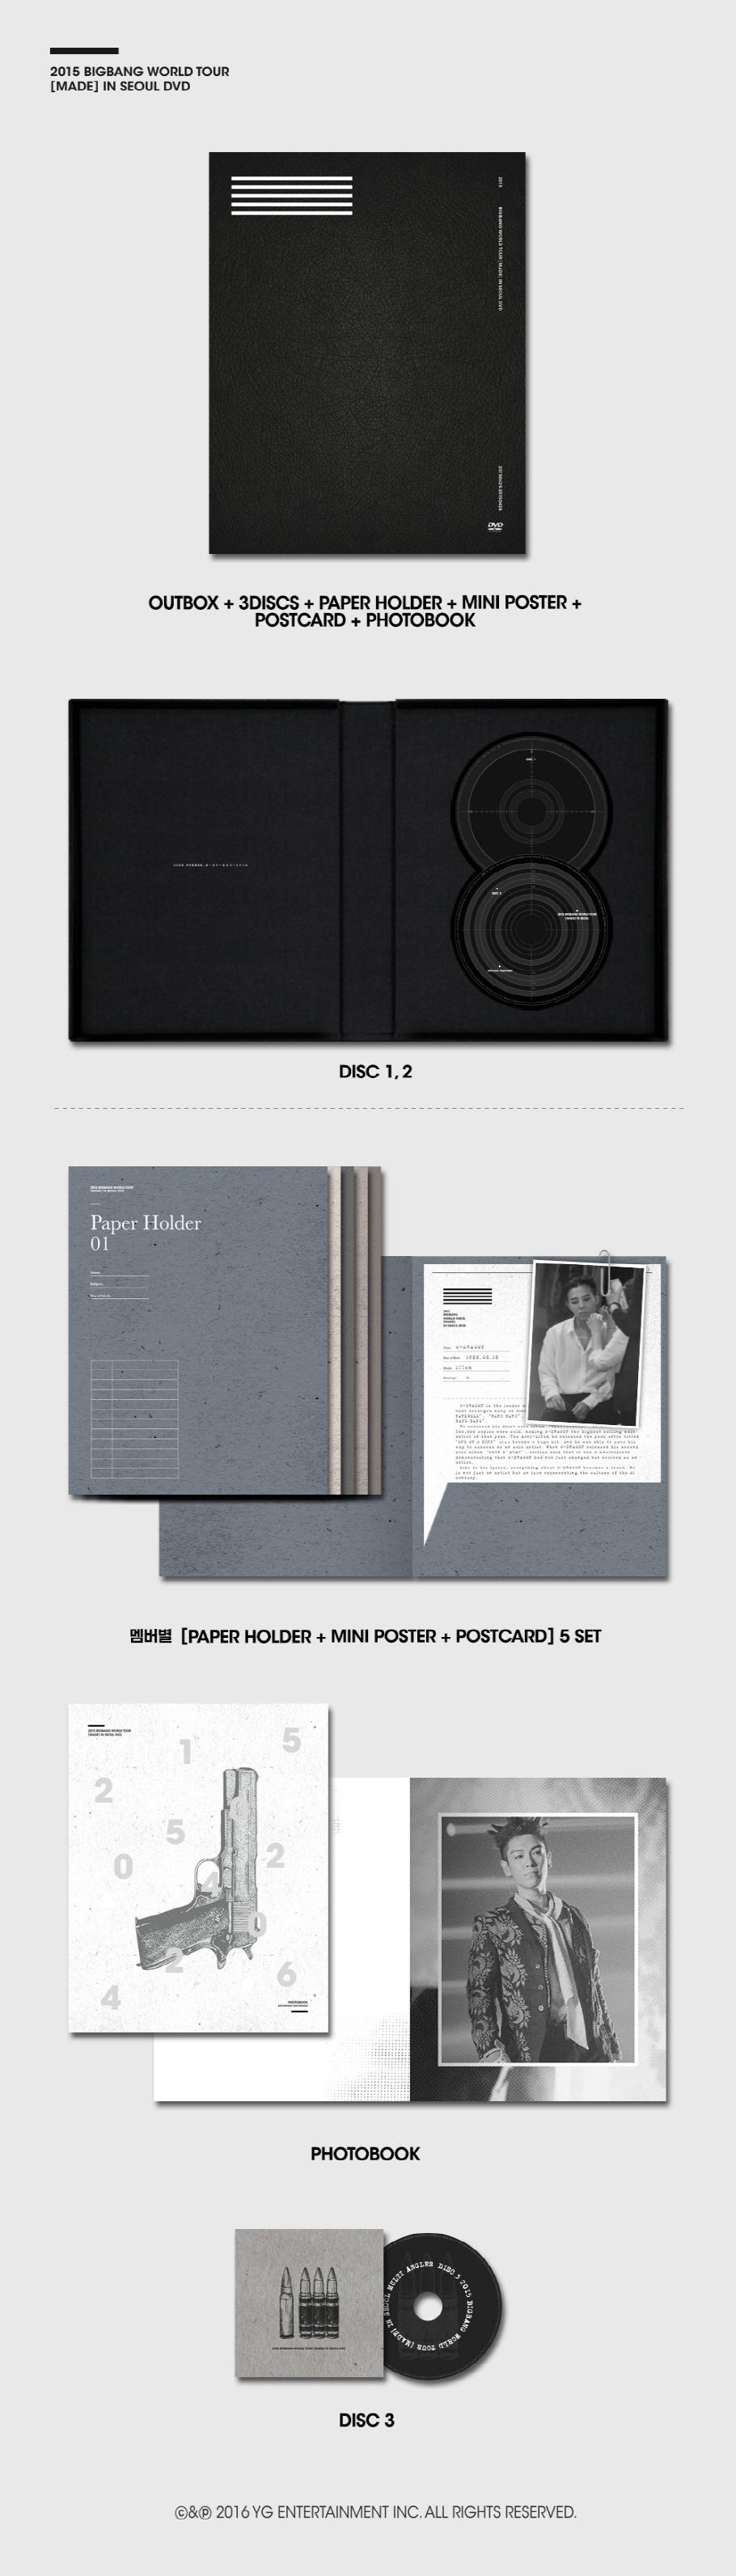 啊~但是當天BIGBANG《MADE》世界巡迴的首爾開場版,也同時推出演唱會DVD了欸,雖然比師弟WINNER專輯整整貴一張小朋友,要價1468元,但是好像很超值欸?不然把錢砸在師兄身上好了?